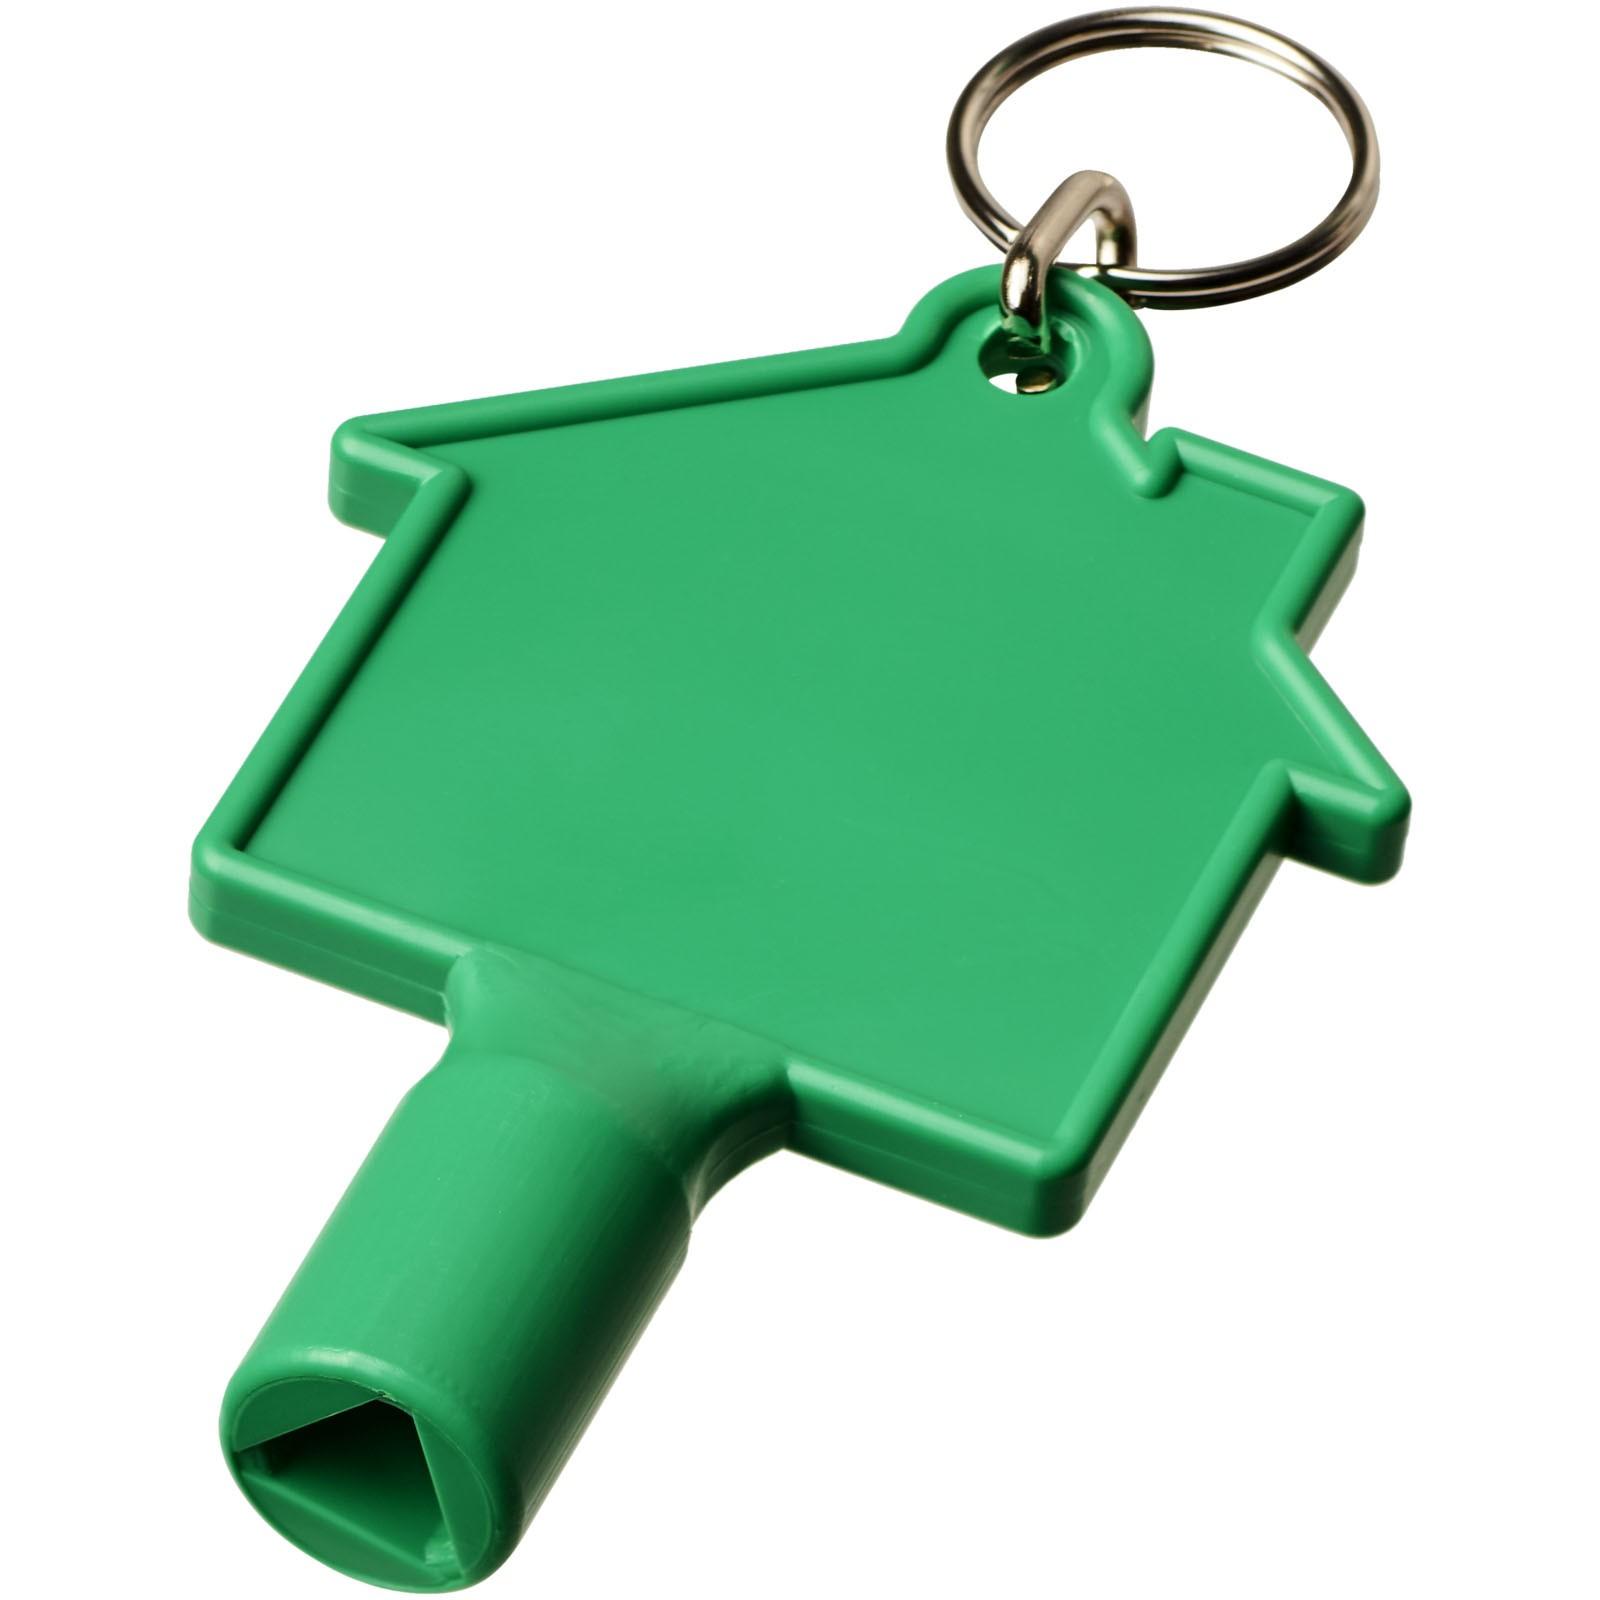 Klíčenkový klíč na měřidla Maximilian ve tvaru domu - Zelená